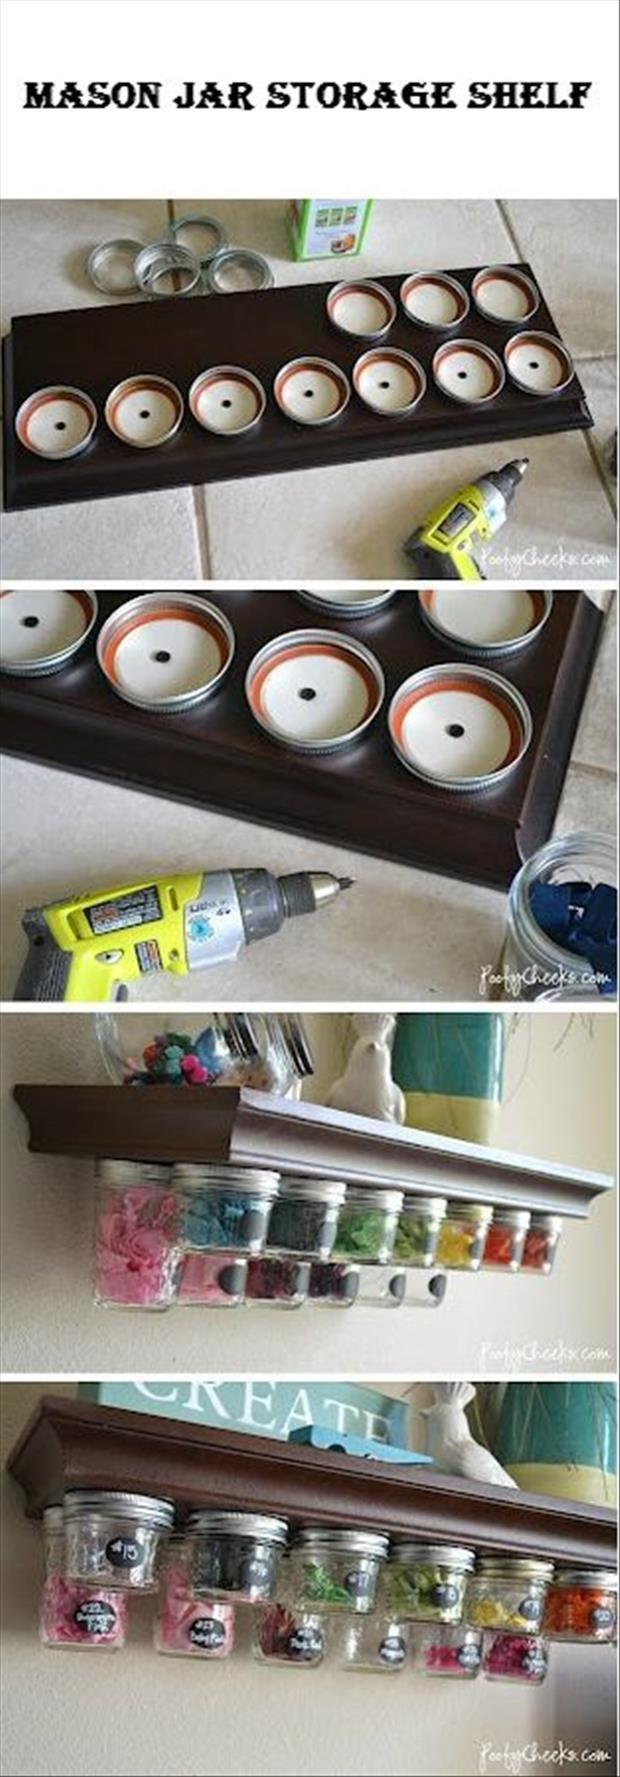 Clavar tapas de botes de cierre a rosca en parte inferior de un estante, organizacion, orden